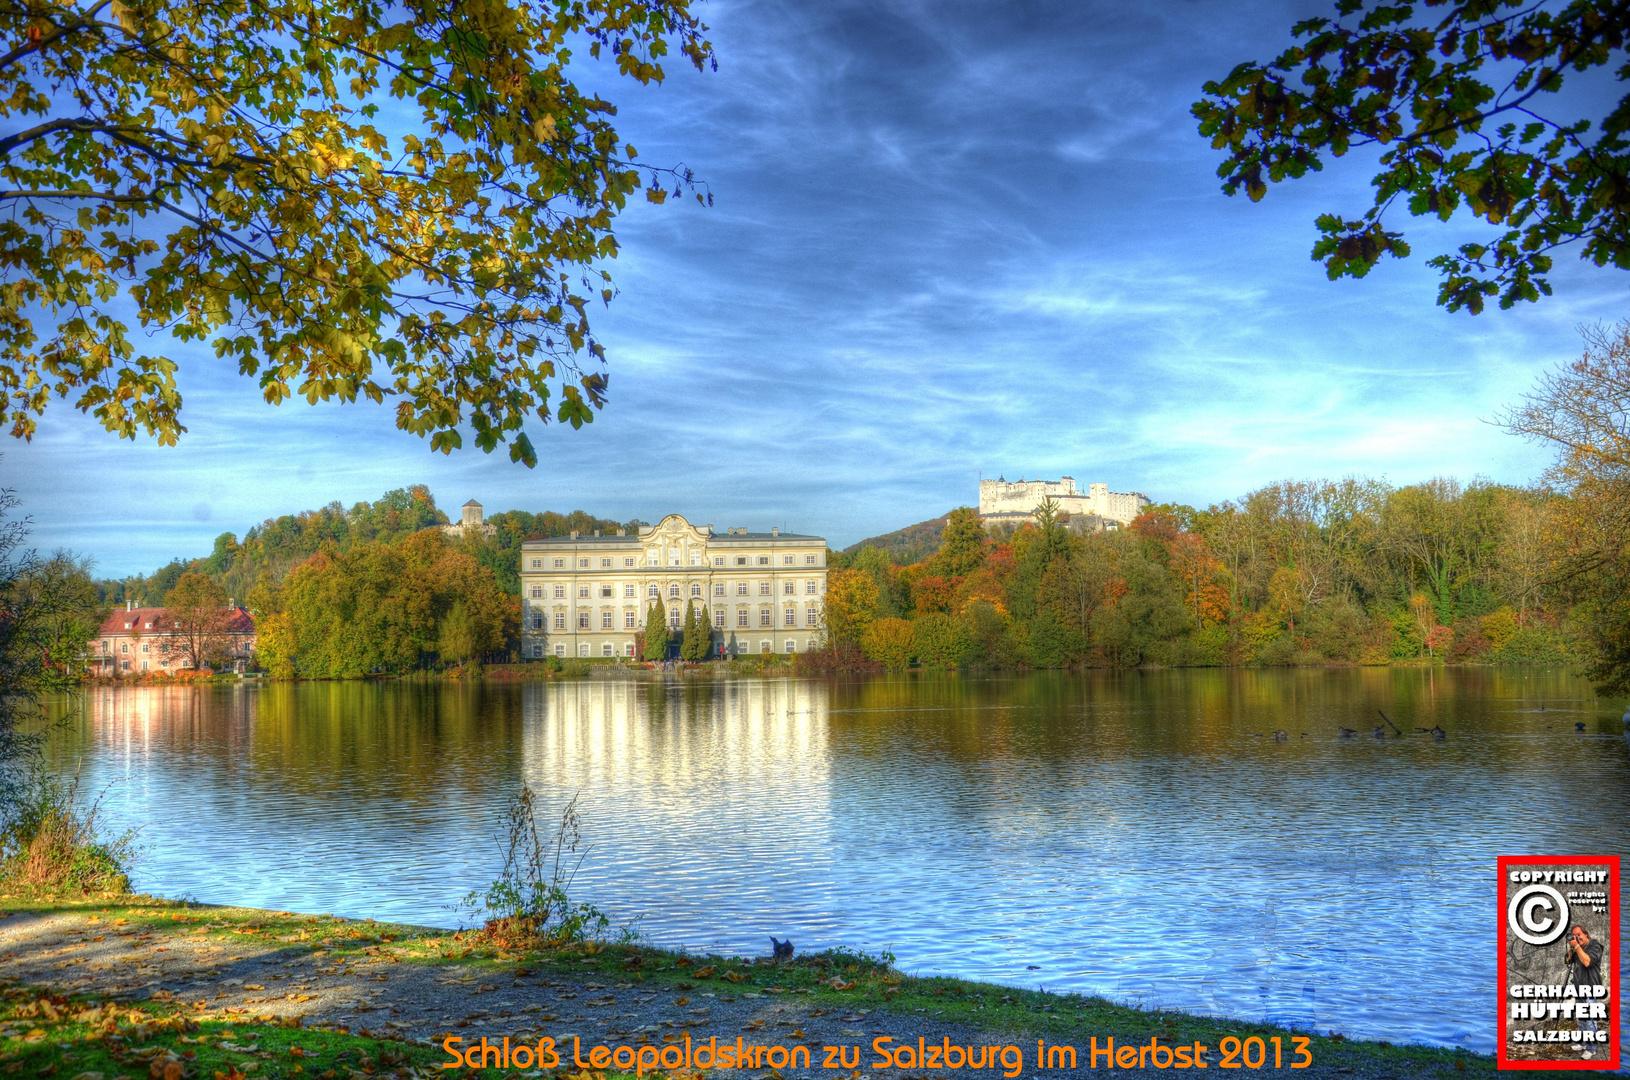 Salzburg - Schloß Leopoldskron mit Weiher